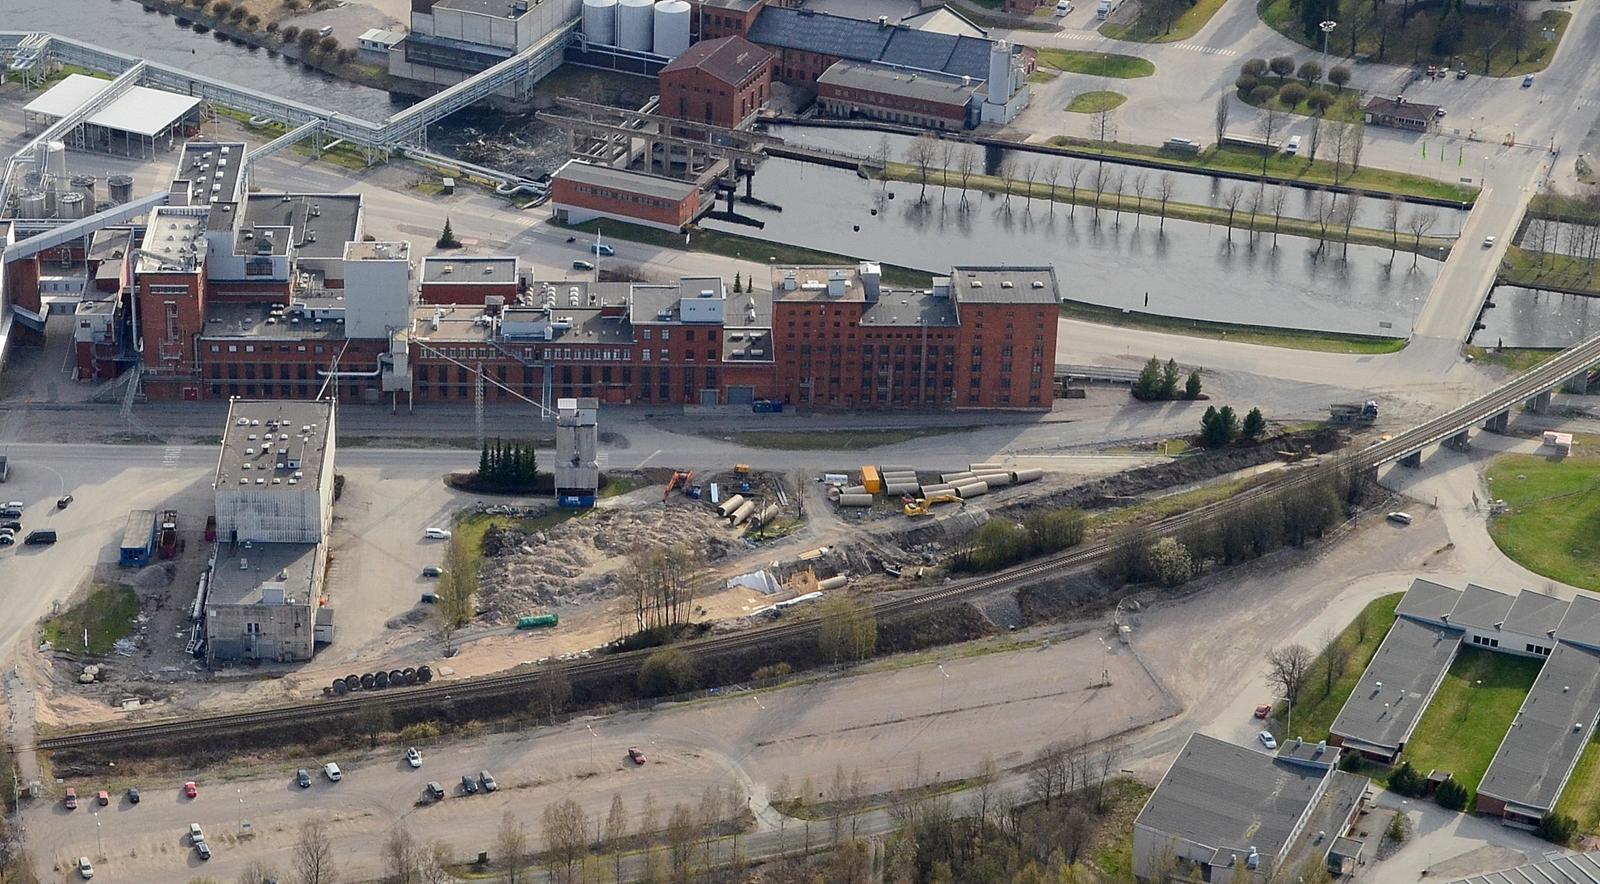 Vanhan kempparin kupeella upotetaan uutta raakavesiputkea? Kuvan vasemmassa laidassa surullisen kuuluisa hiivatehtaan rakennus.